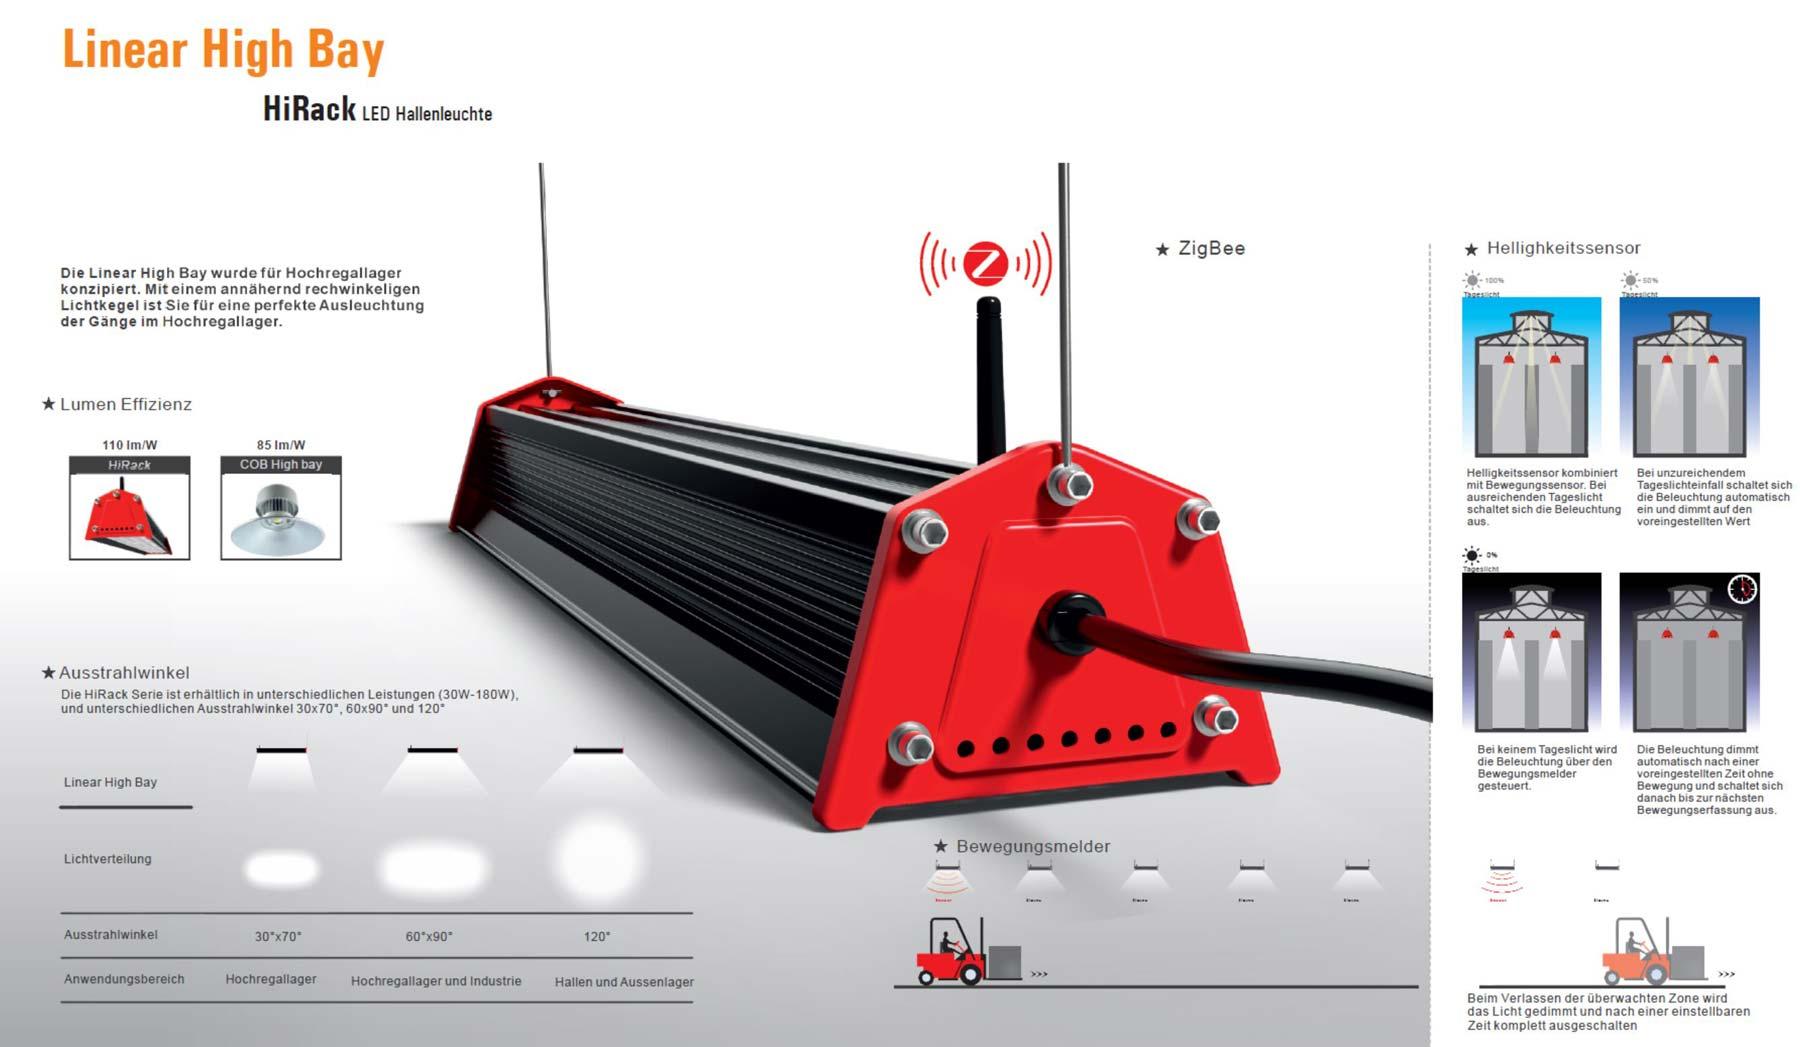 LED Hallenleuchte HiRack High Bay Linear mit ZigBee LED Hallenleuchte